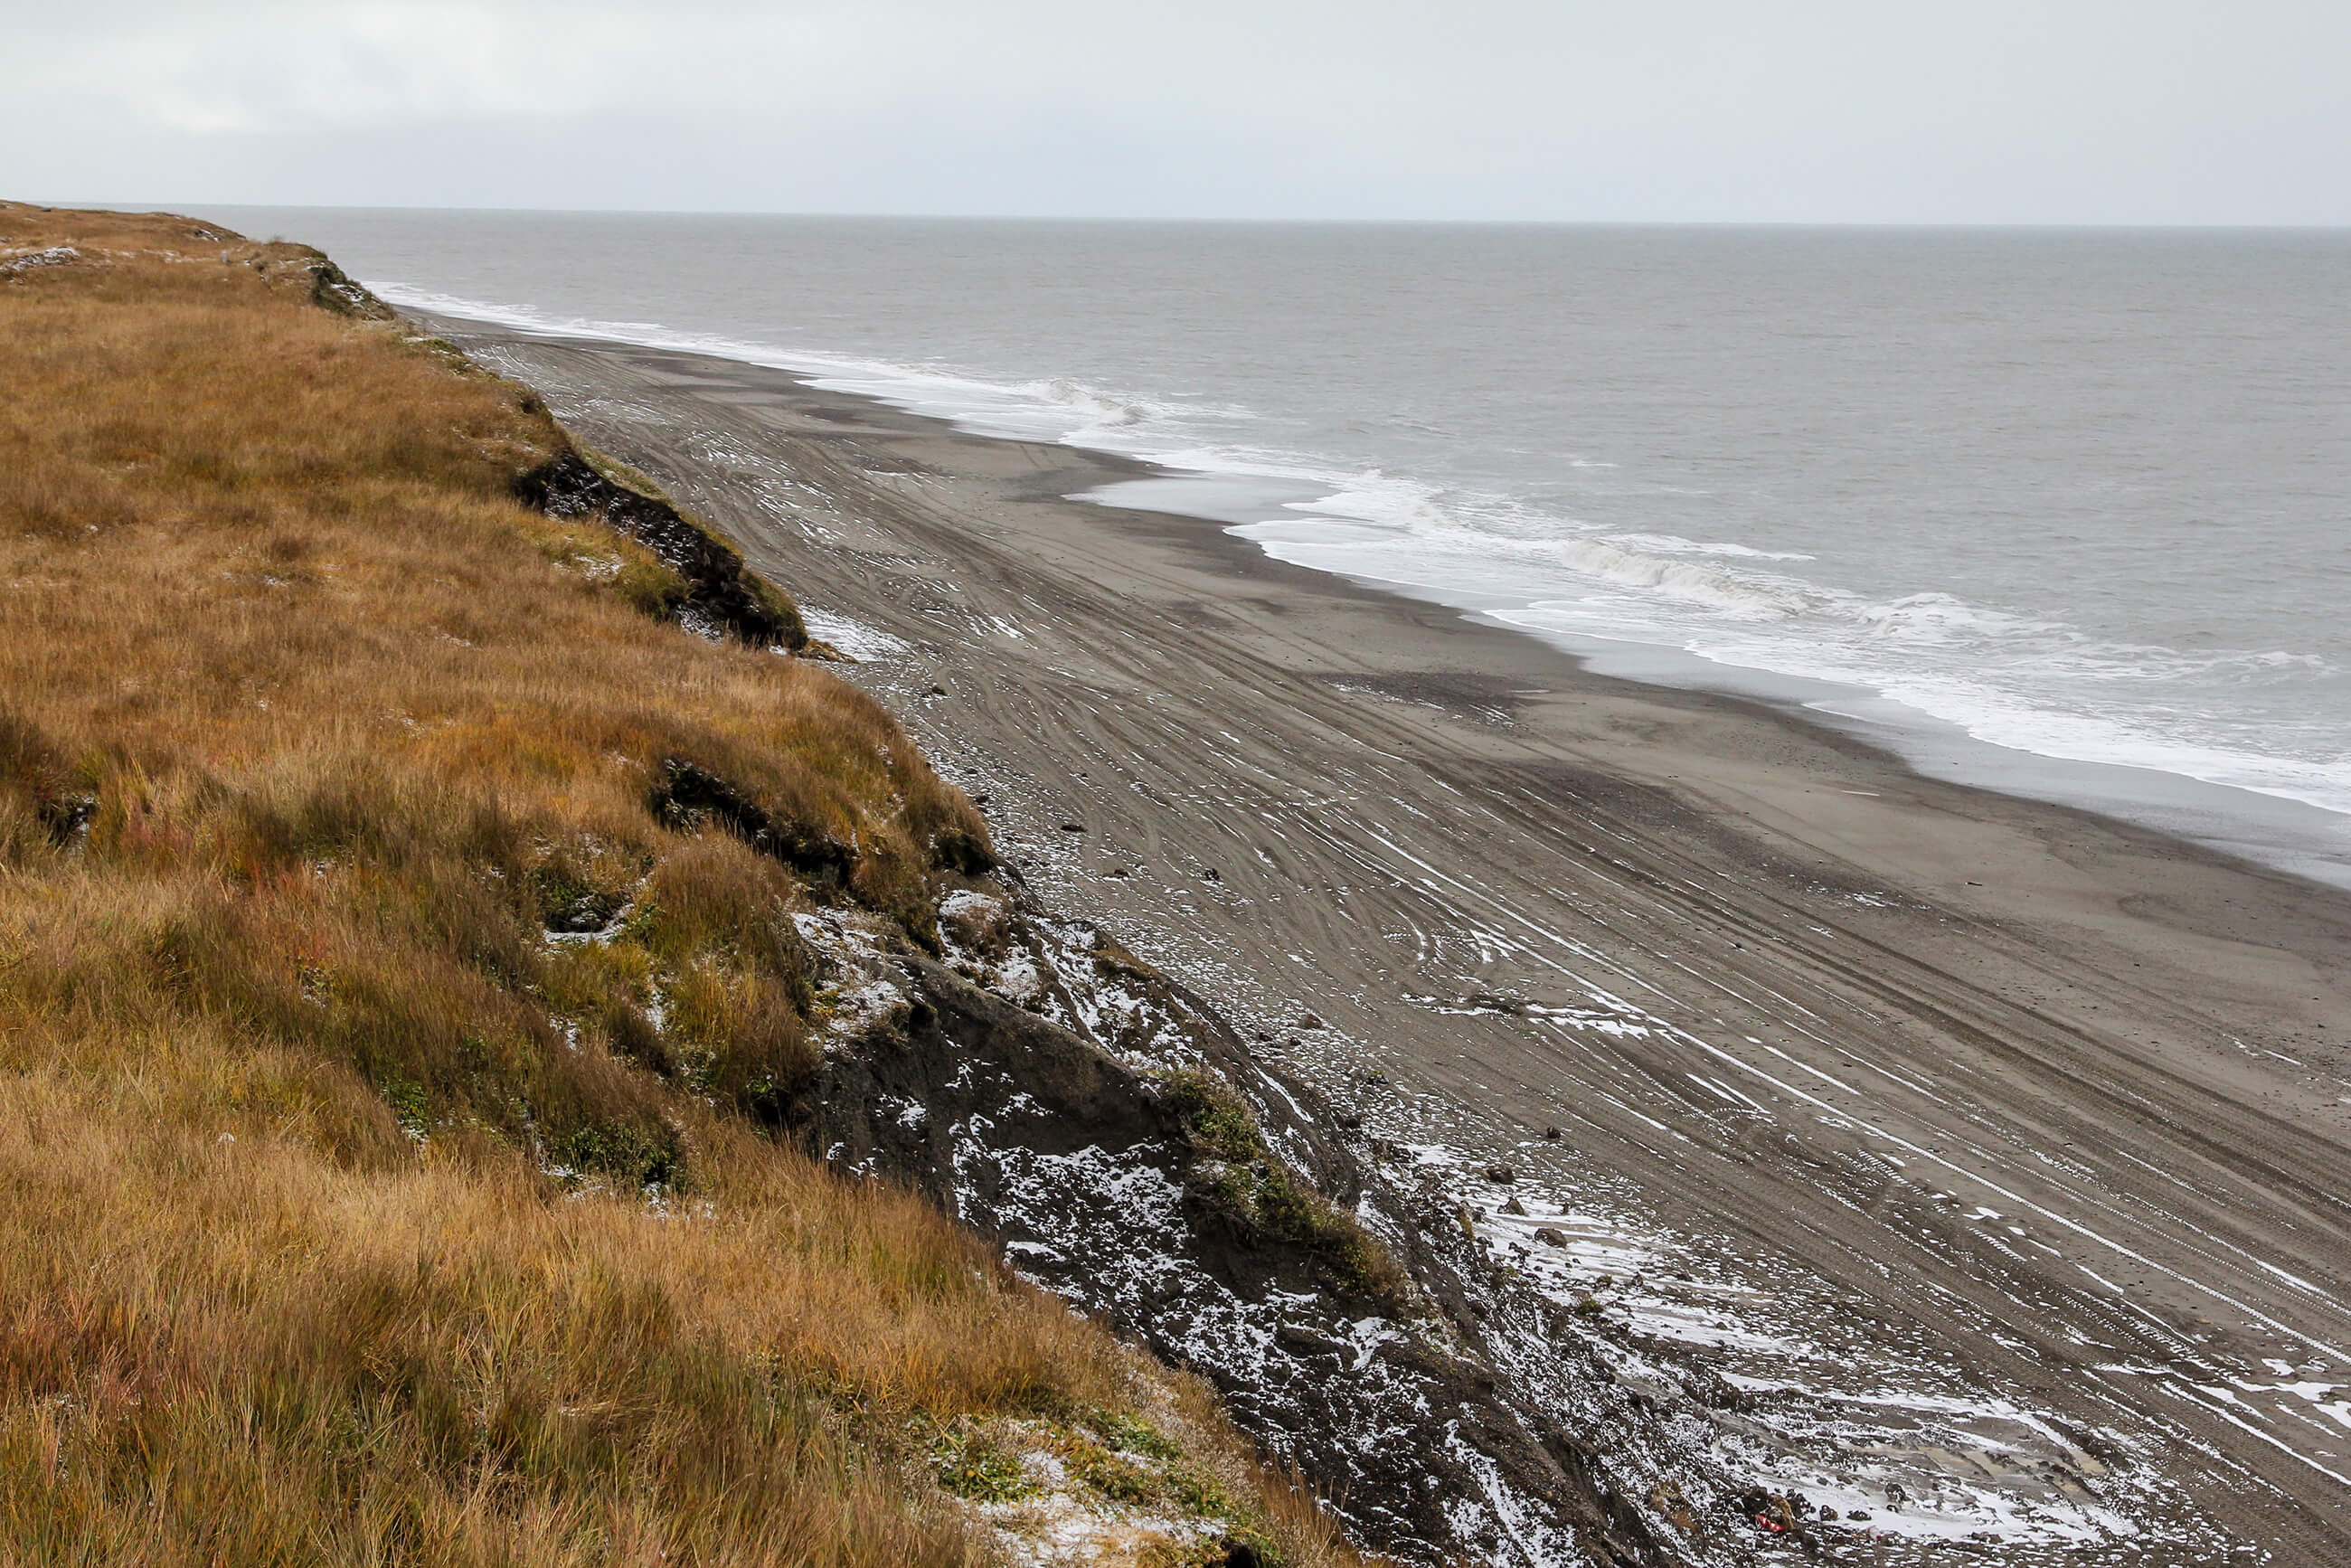 https://bubo.sk/uploads/galleries/16051/barrow-pieskove-plaze-cukotskeho-mora-1.jpg